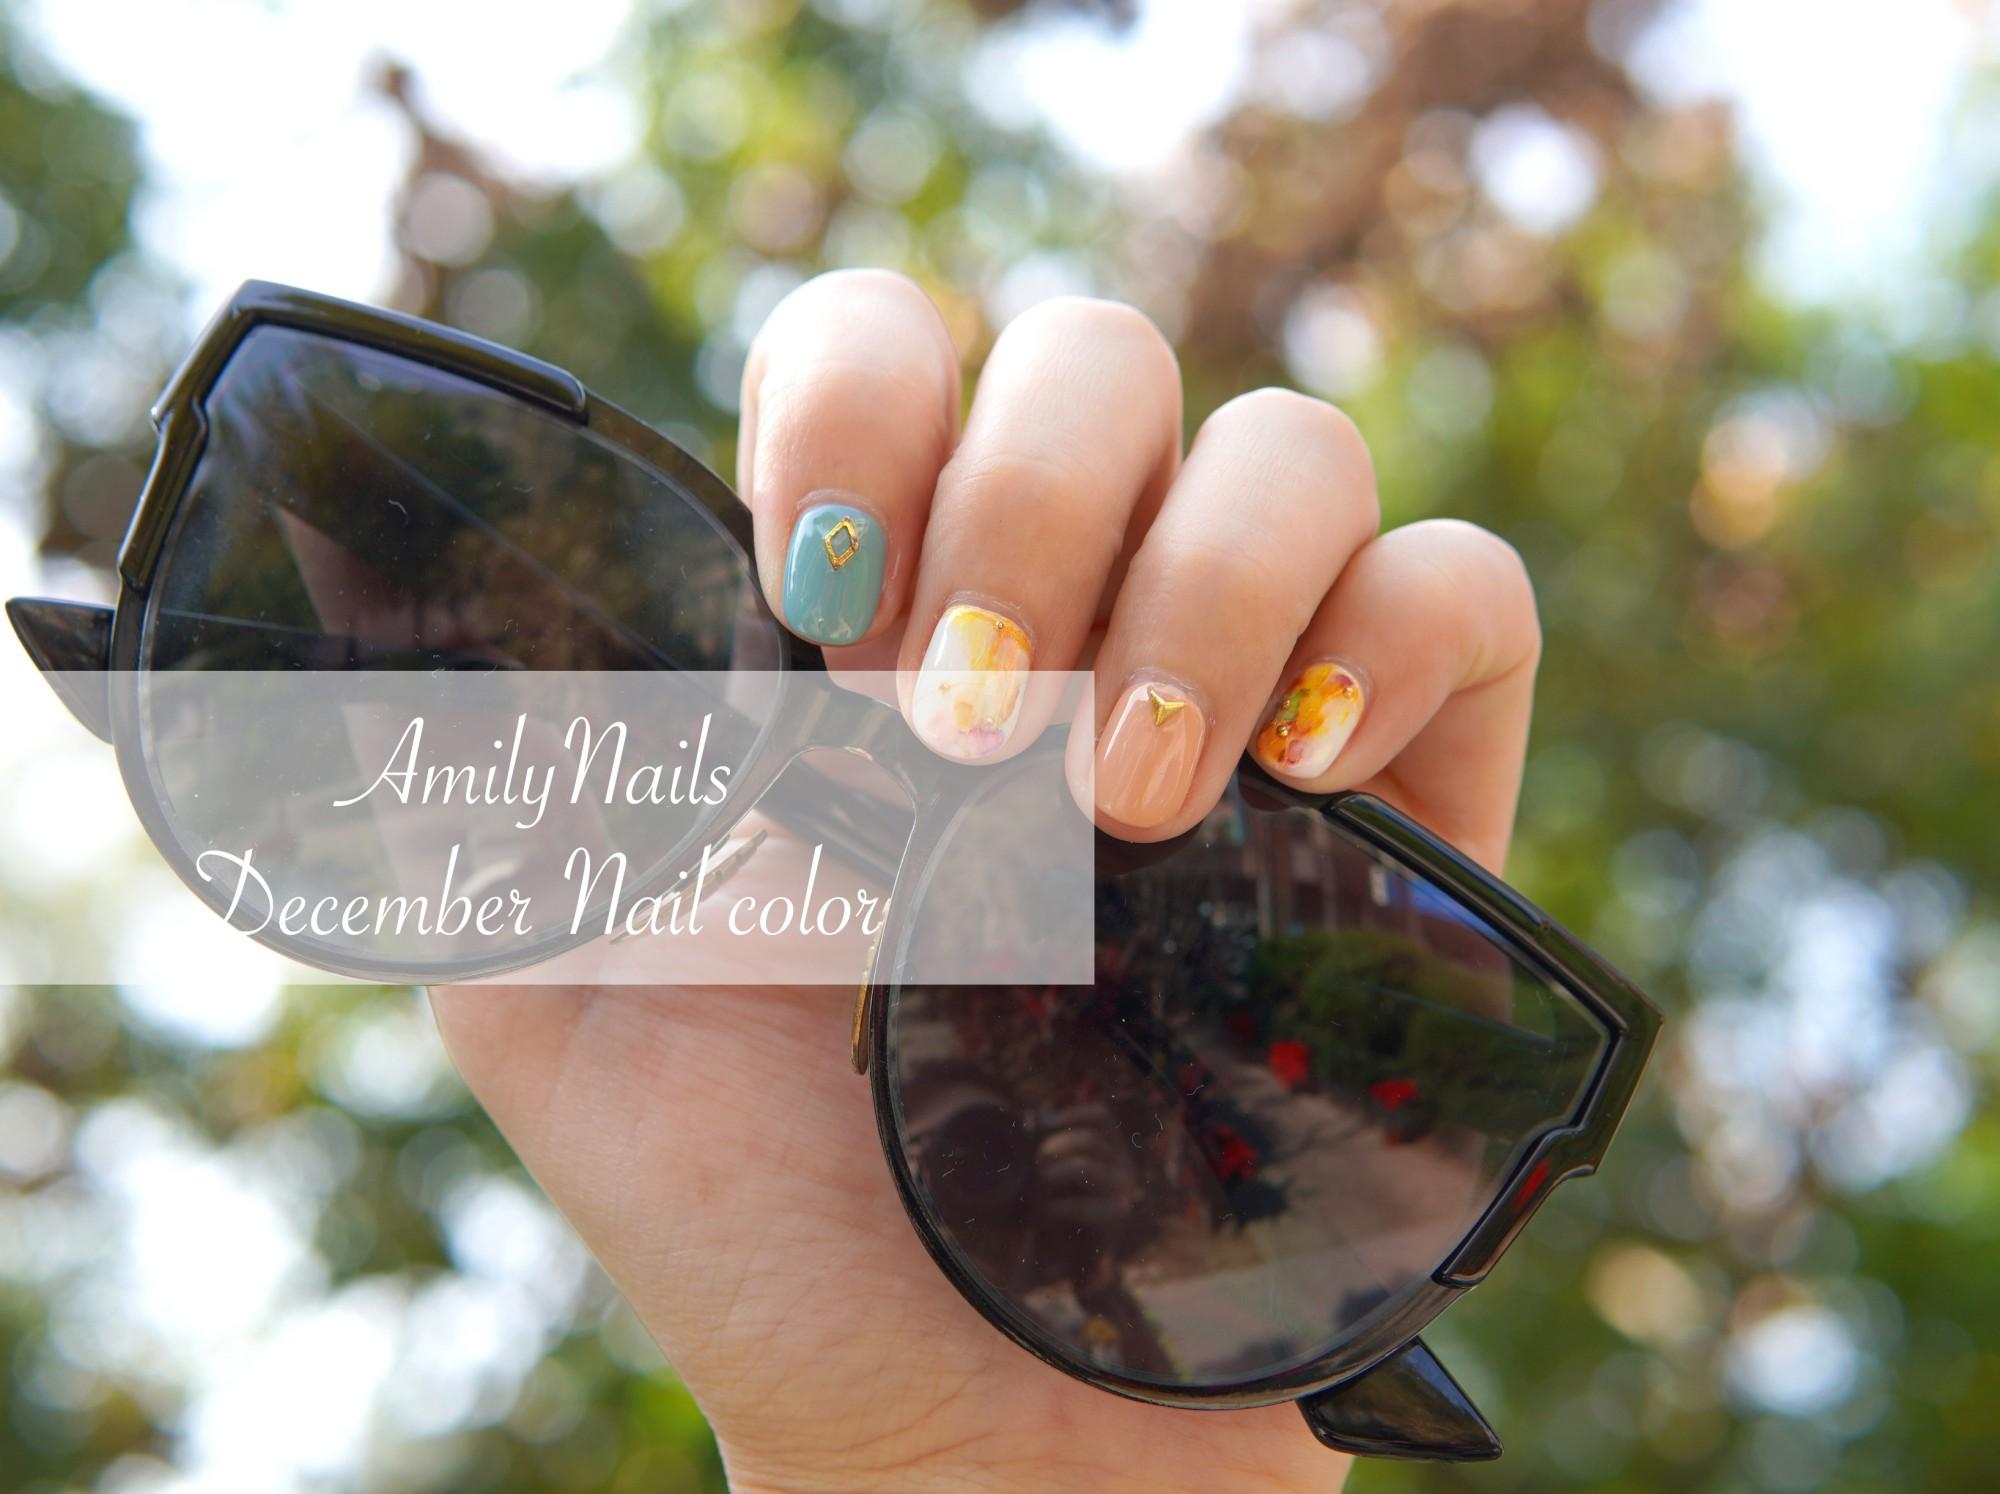 ☆【美甲】Amilynails愛美麗12月活動款-圖騰風暈染指甲 @凱的日本食尚日記